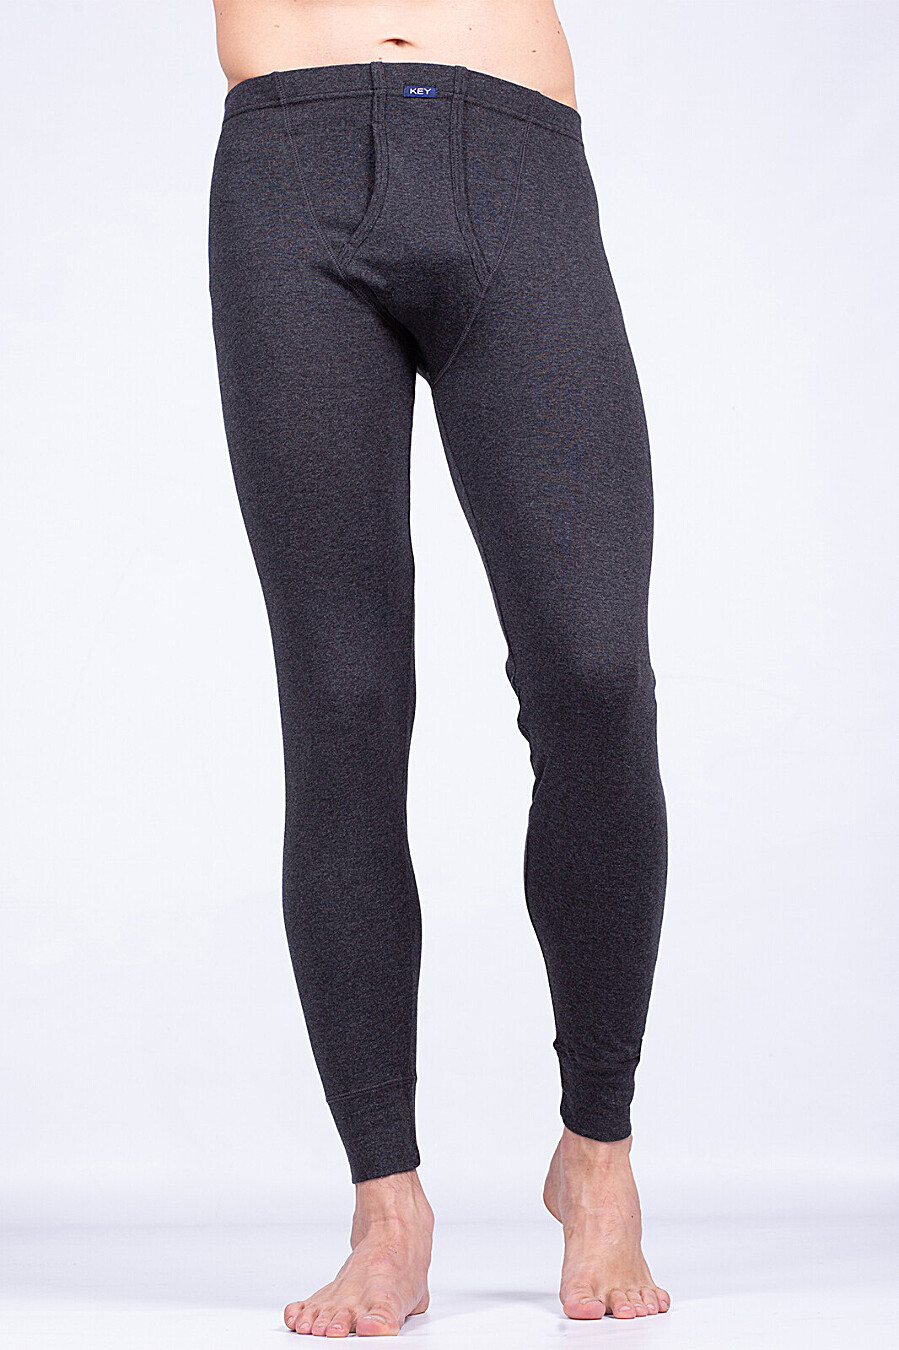 Кальсоны для мужчин KEY 707386 купить оптом от производителя. Совместная покупка мужской одежды в OptMoyo